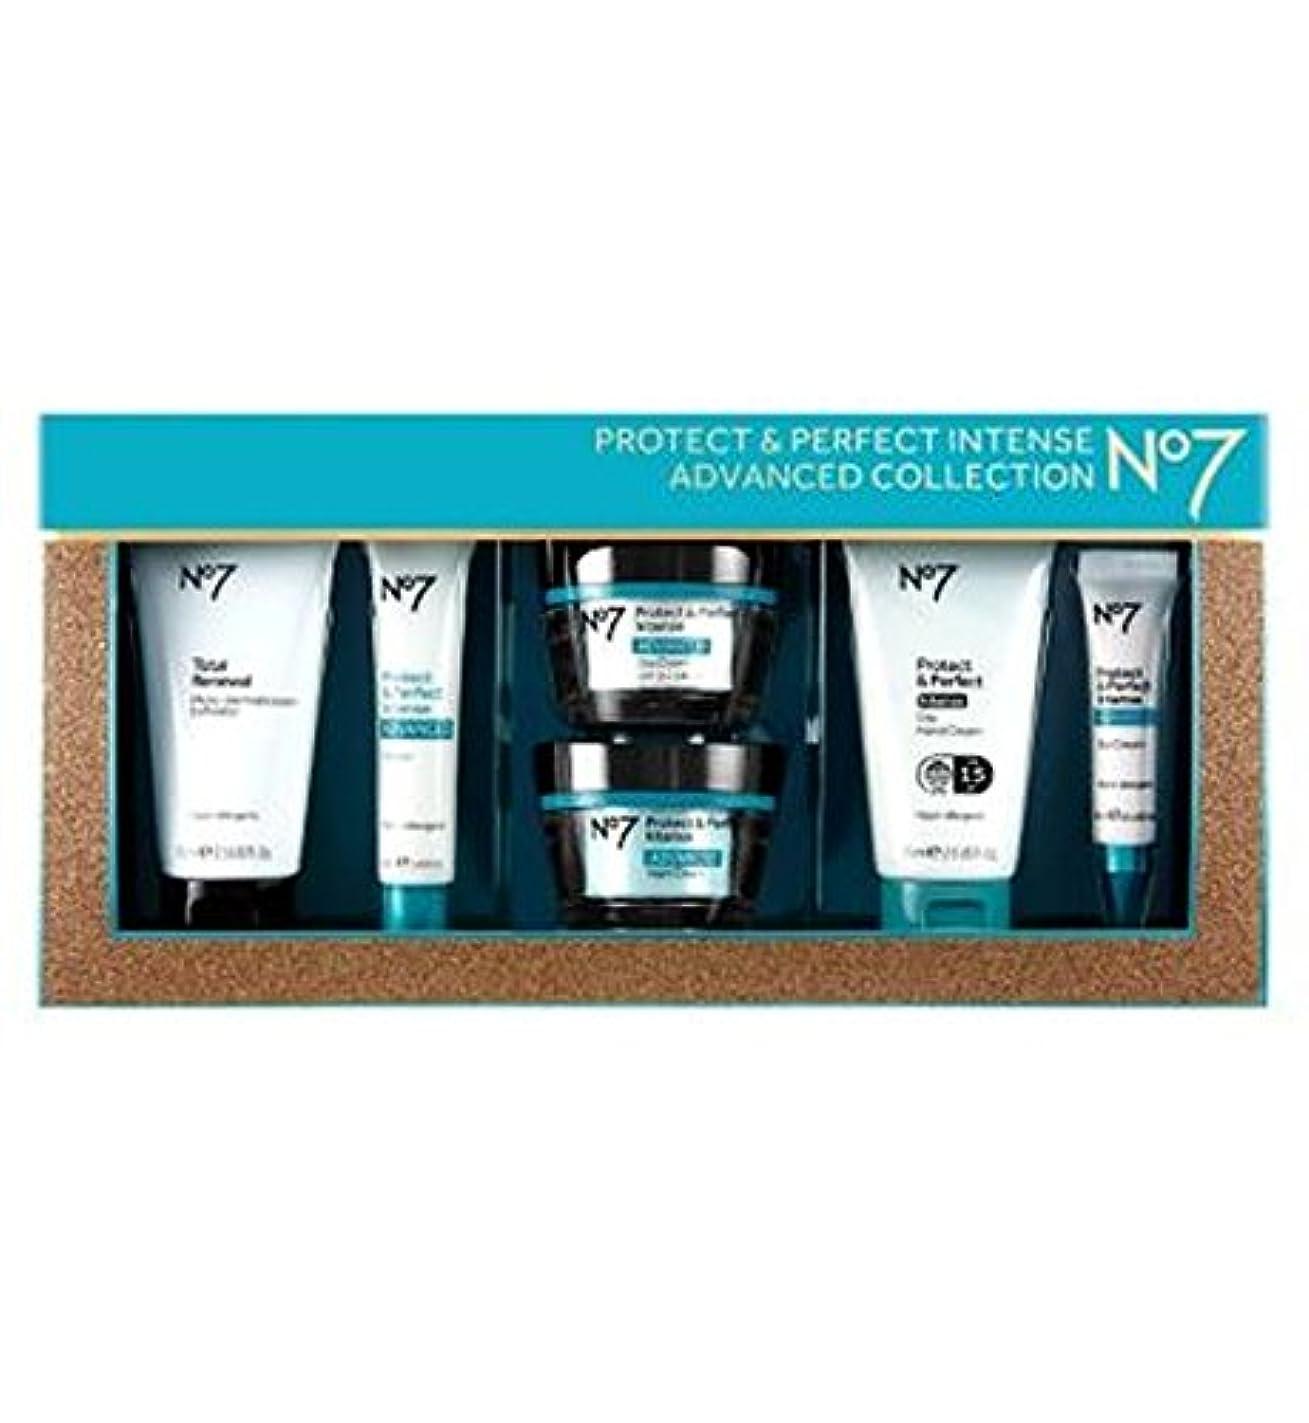 ジュラシックパーク結晶政権No7 Protect & Perfect Intense ADVANCED Collection - No7保護&完璧な強烈な高度なコレクション (No7) [並行輸入品]